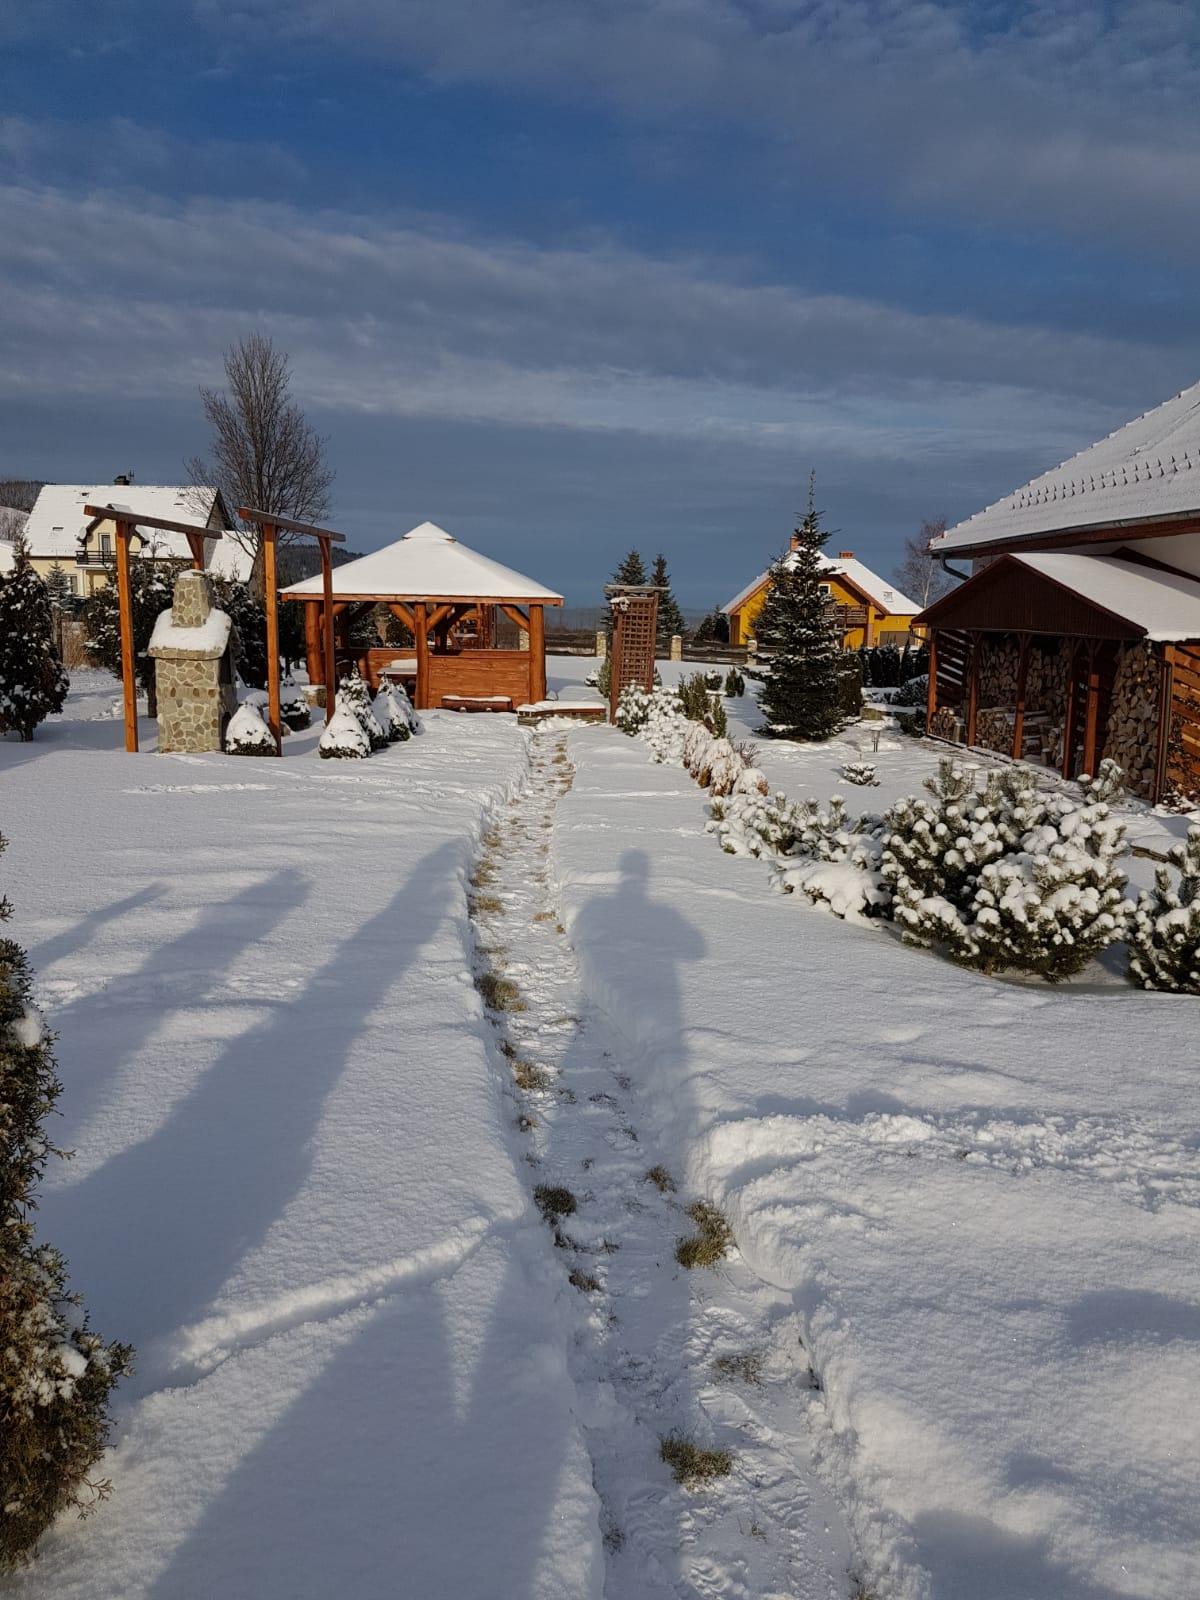 Wnajem domku z ogrodem - Karpacz - Ściegny